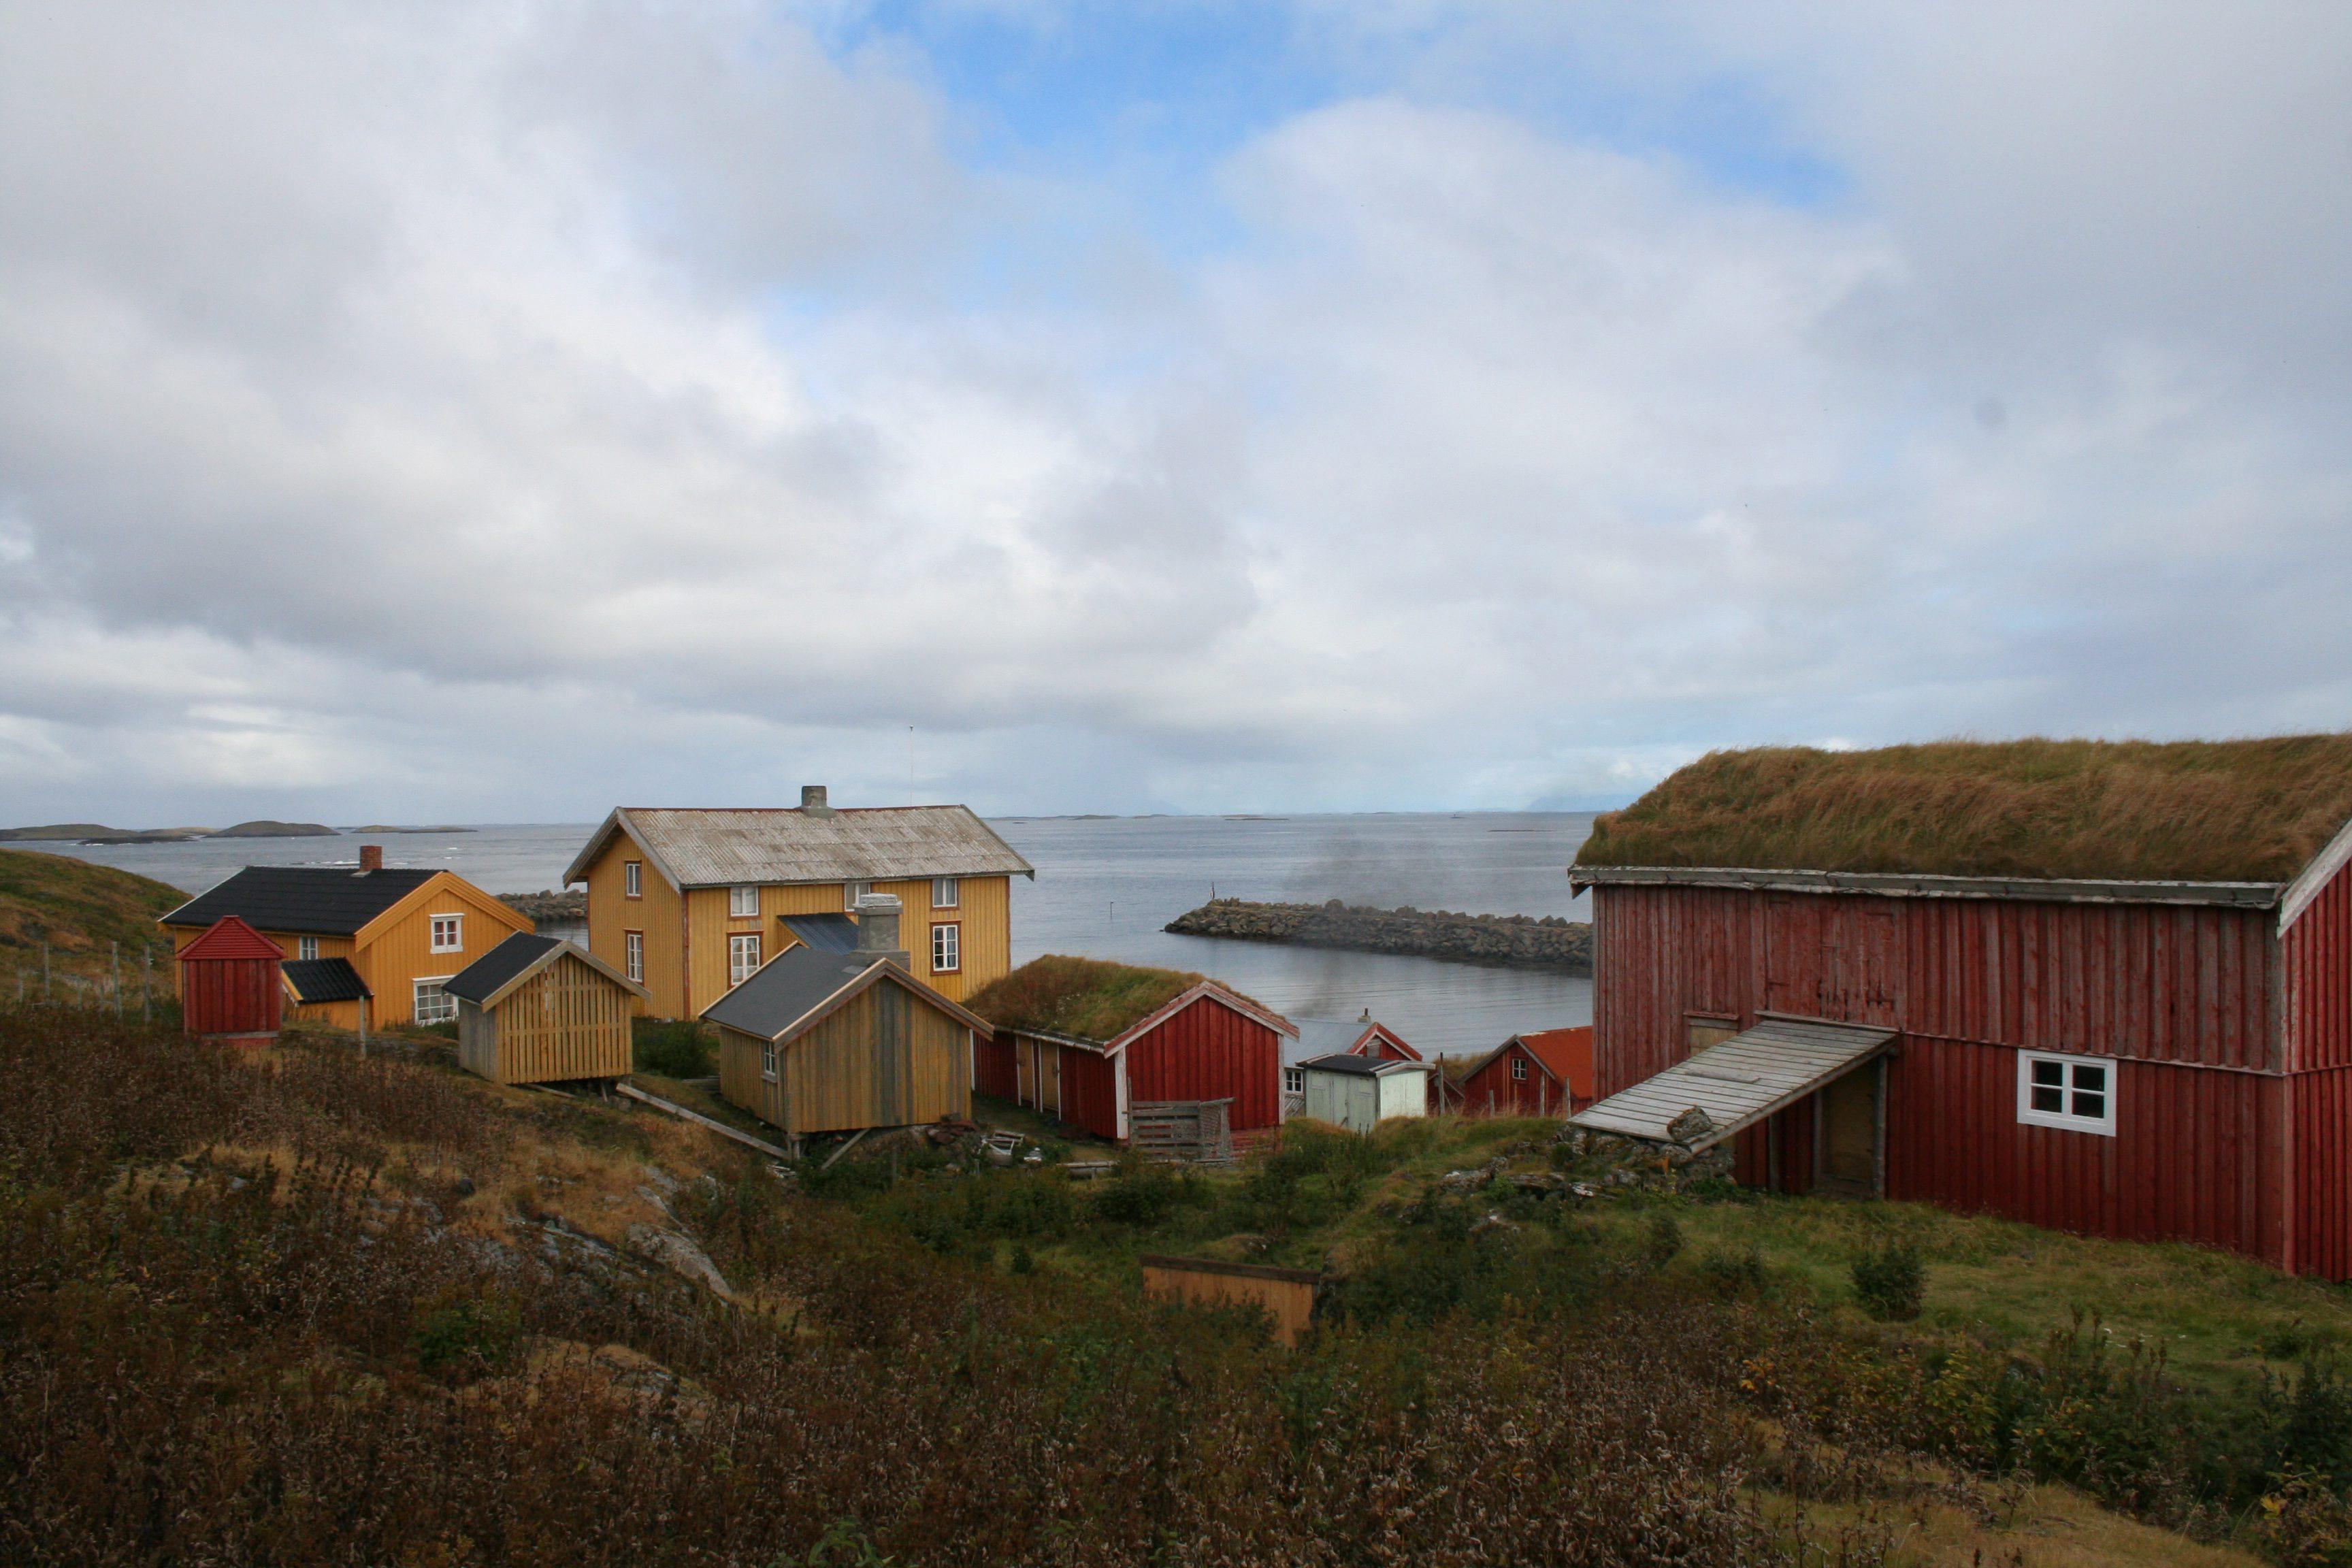 Skjærvær på Vegaøyan på Helgelandskysten i Nordland. I området har det vært drevet fiske og fangst de siste ti tusen årene. Sanking av egg og dun fra de ville ærfuglene har vært en viktig del av næringsgrunnlaget helt siden middelalderen. Vegaøyan står på Unescos verdensarvliste. Foto: Jon Brænne NIKU